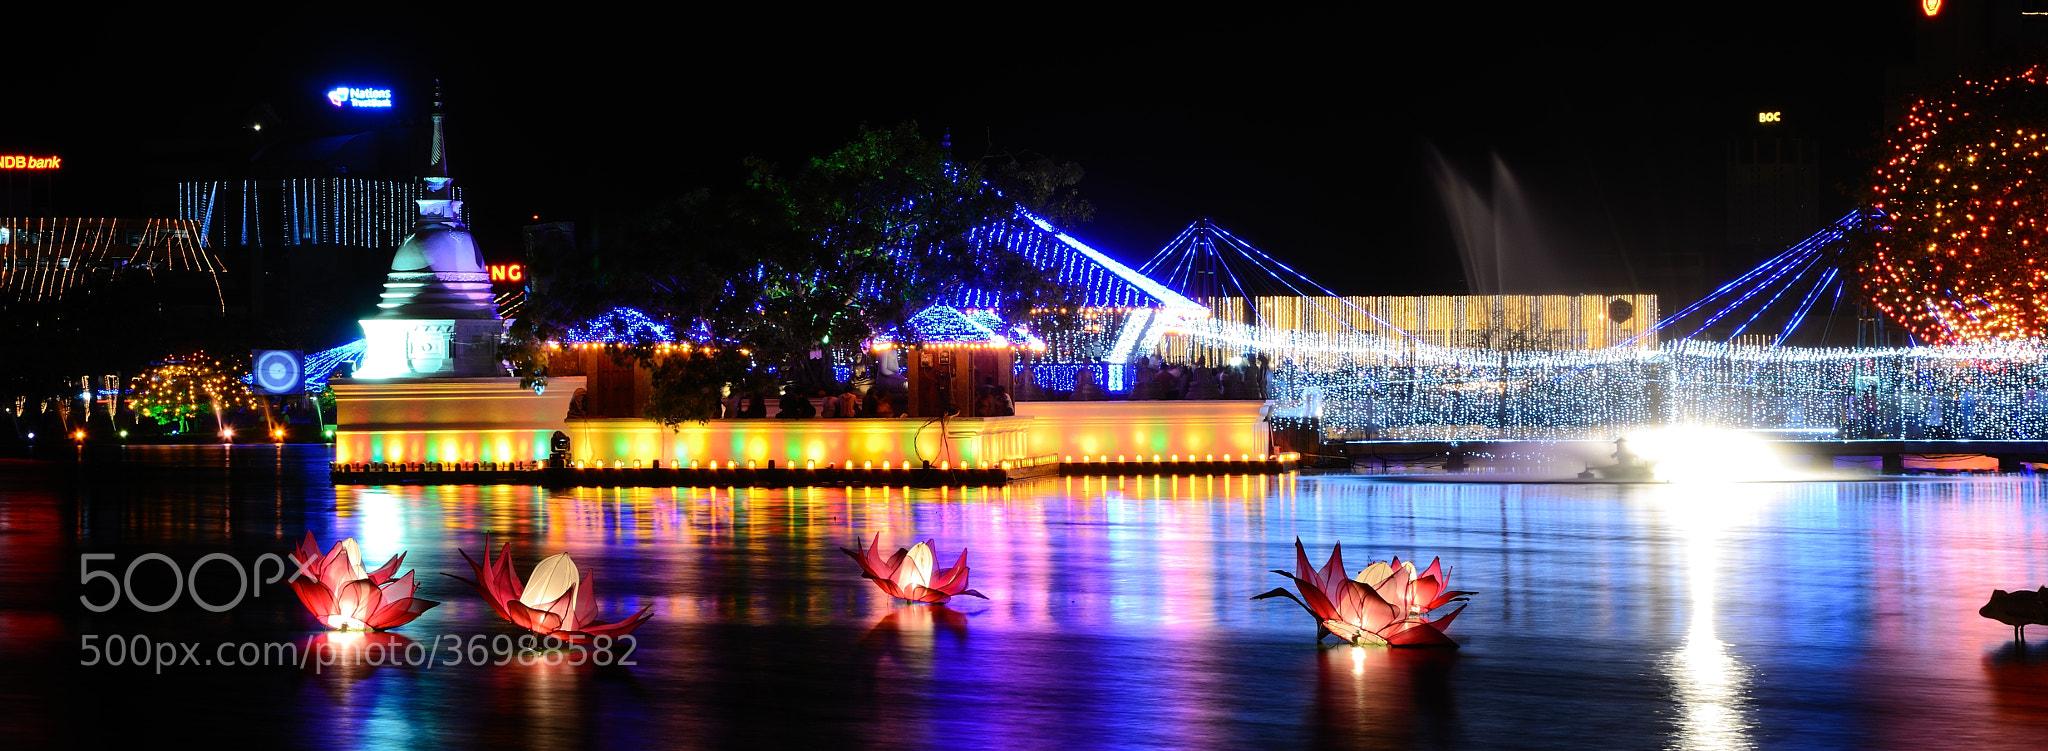 Photograph Lights by Vihanga Dayananda on 500px